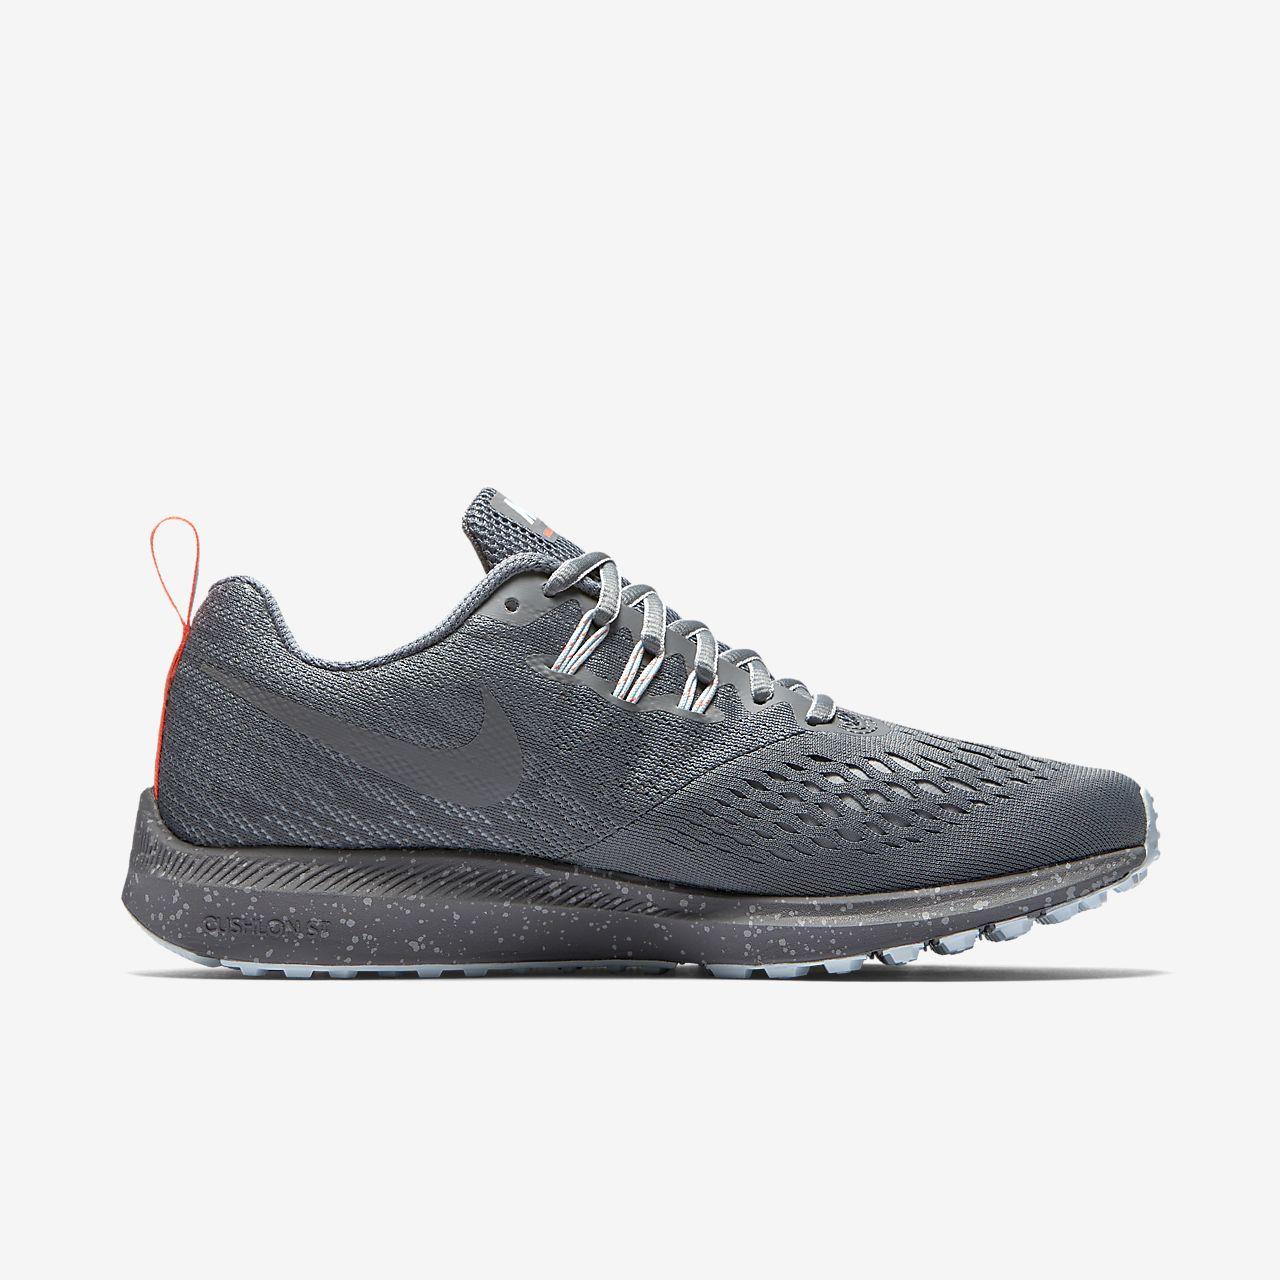 ... Nike Air Zoom Winflo 4 Shield Women\u0027s Running Shoe